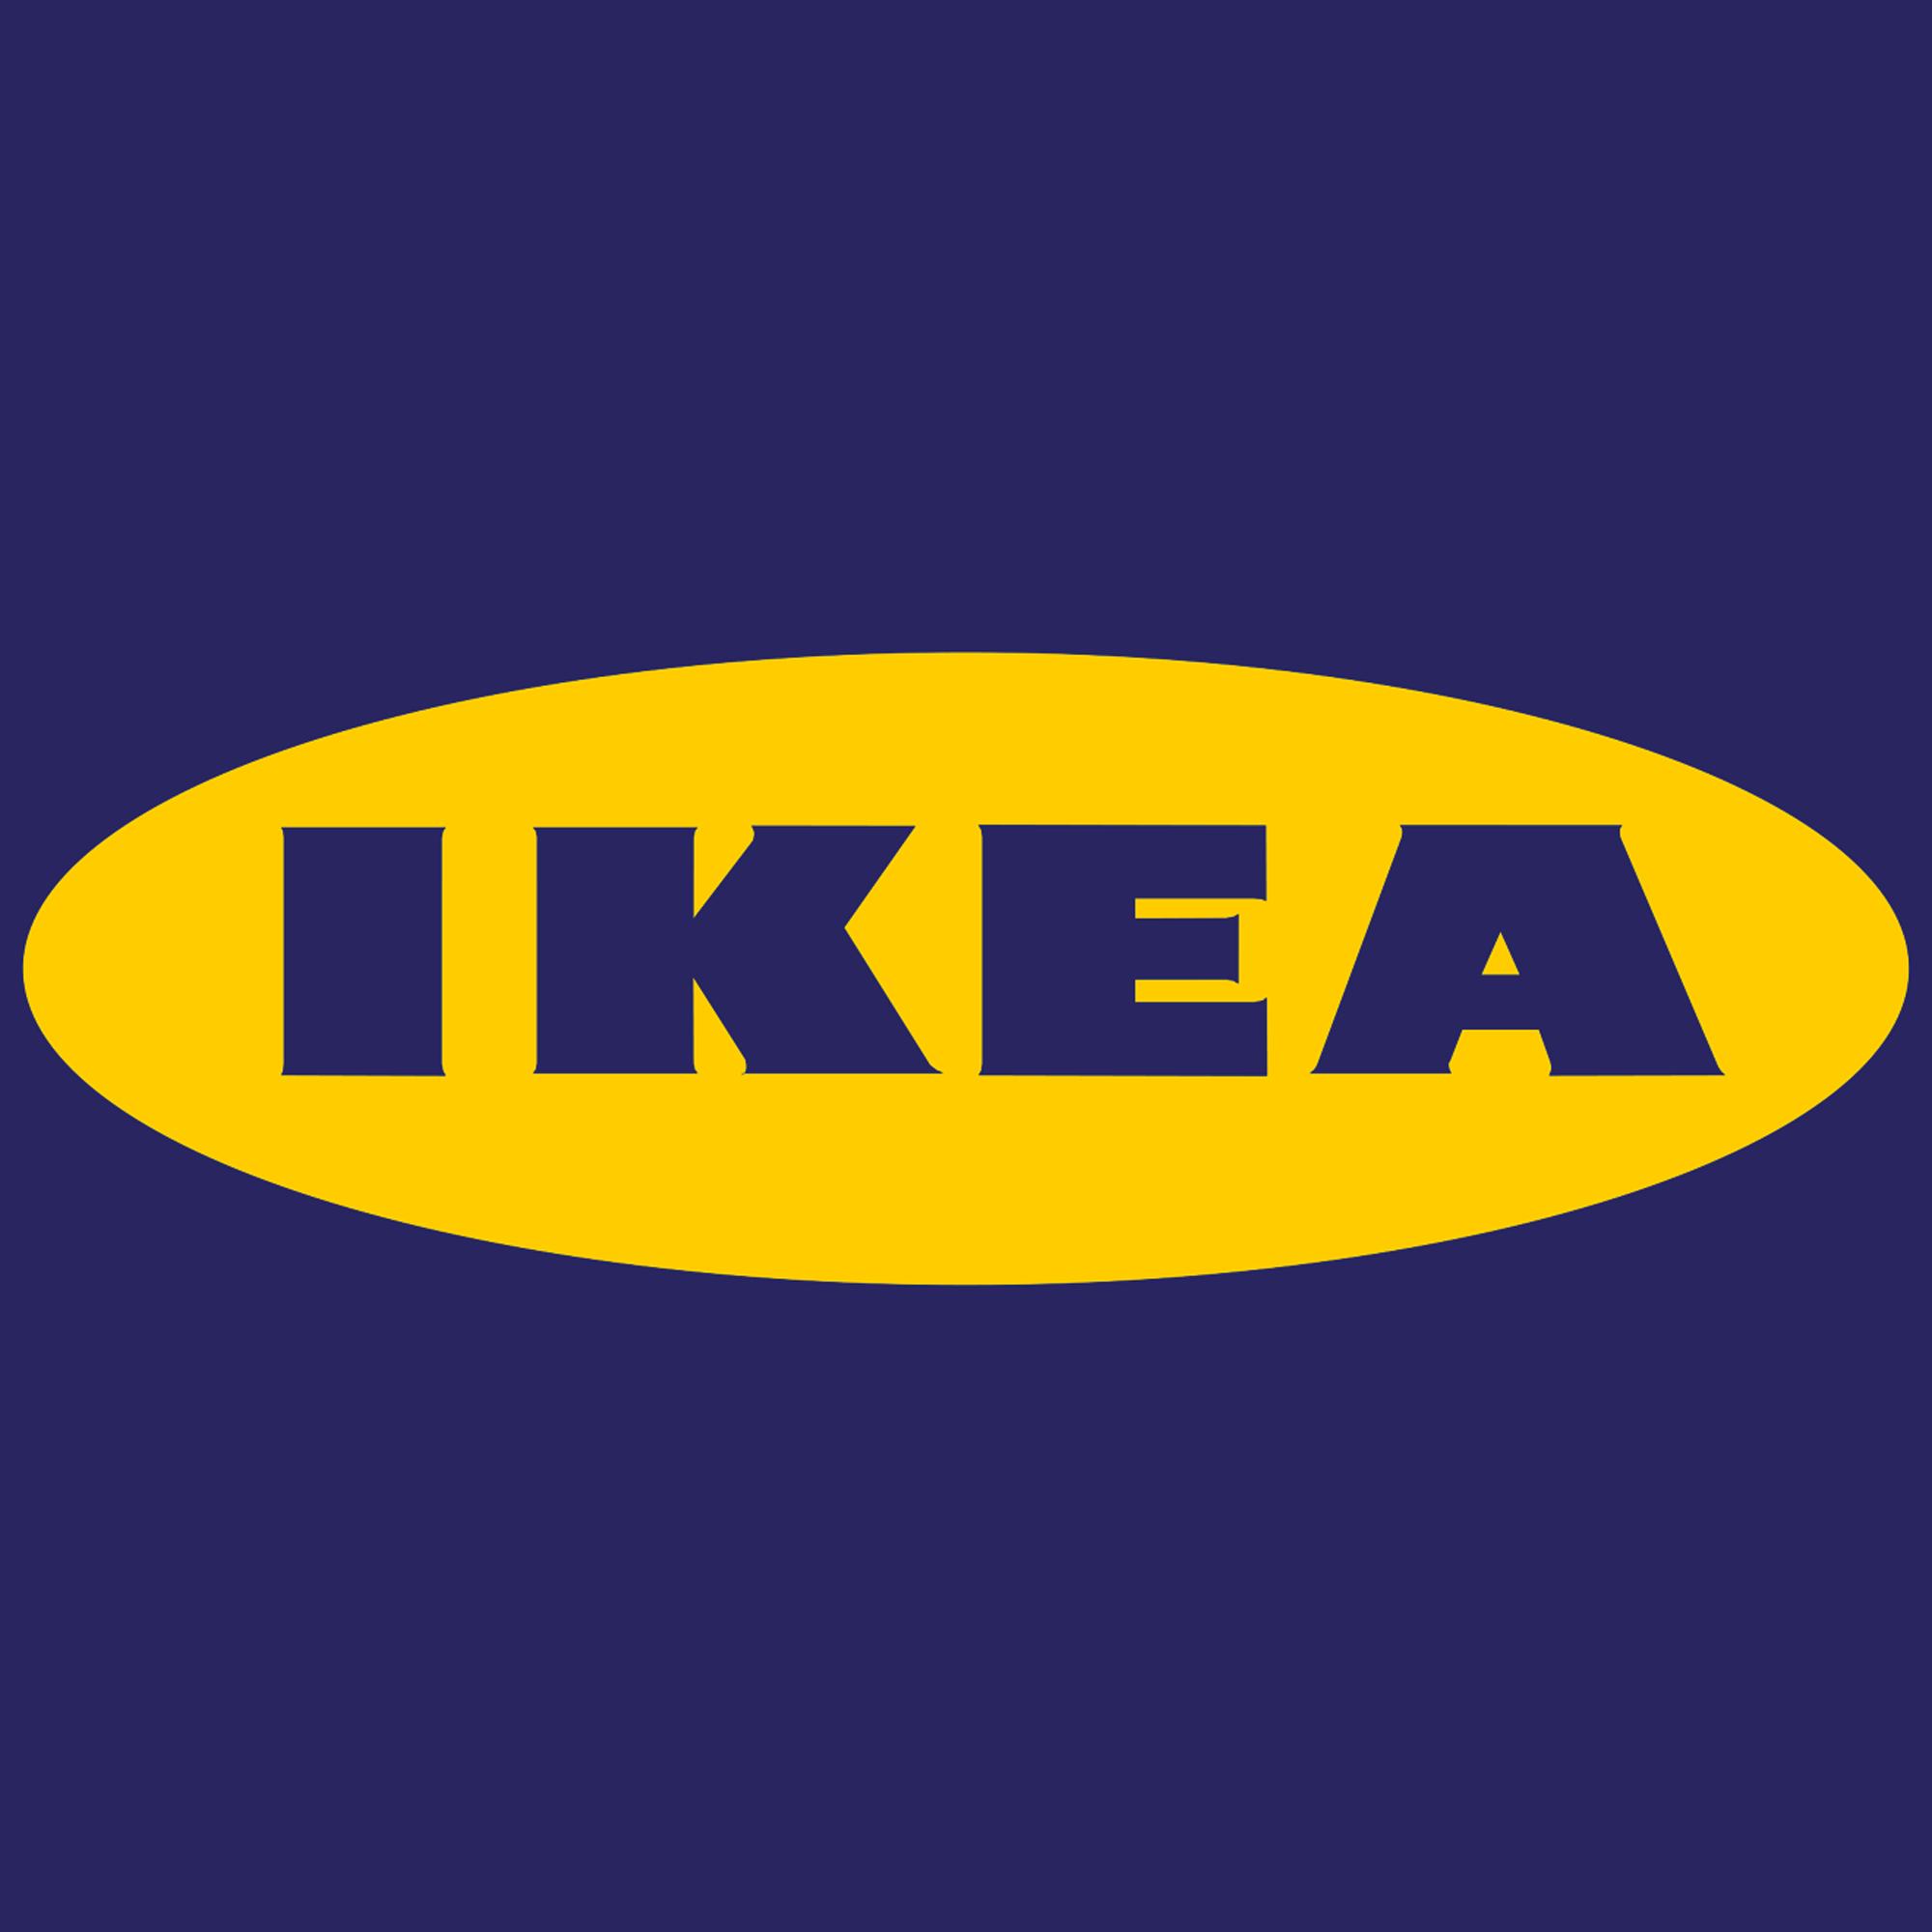 Ikea Gift Registry - Register For Wedding Baby Shower